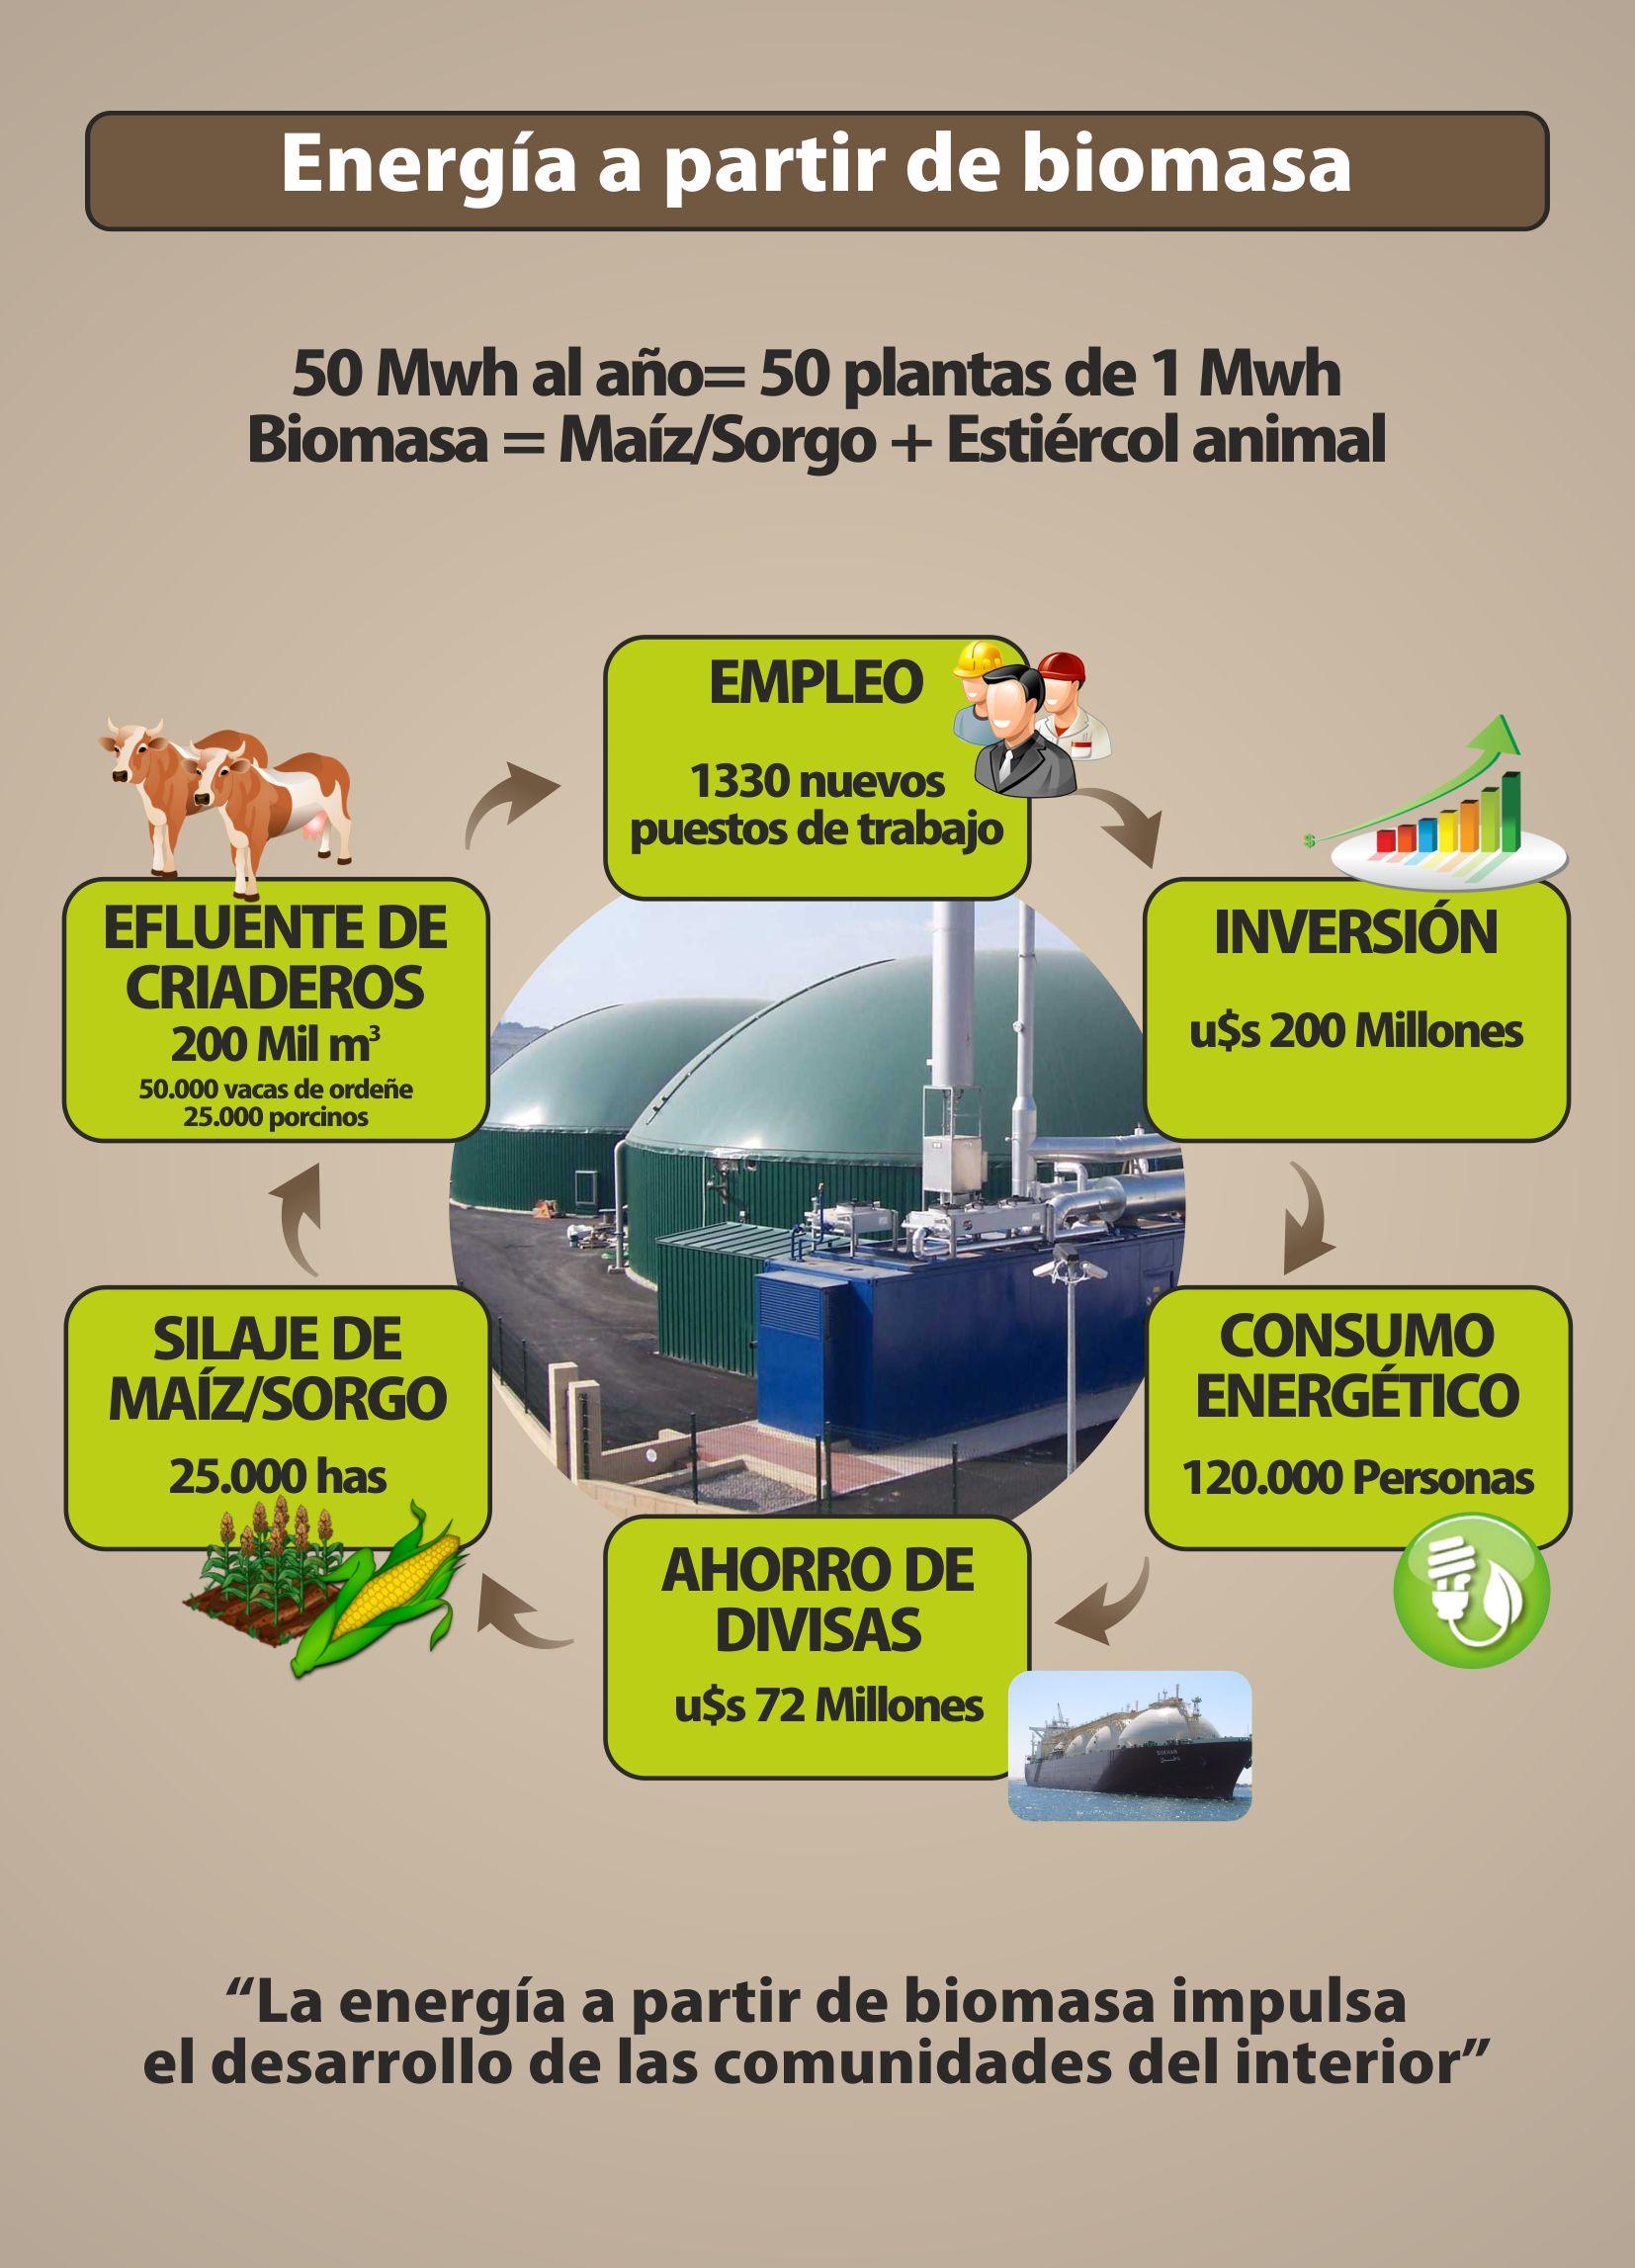 Desarrollo Regional con Energía a partir de Biomasa